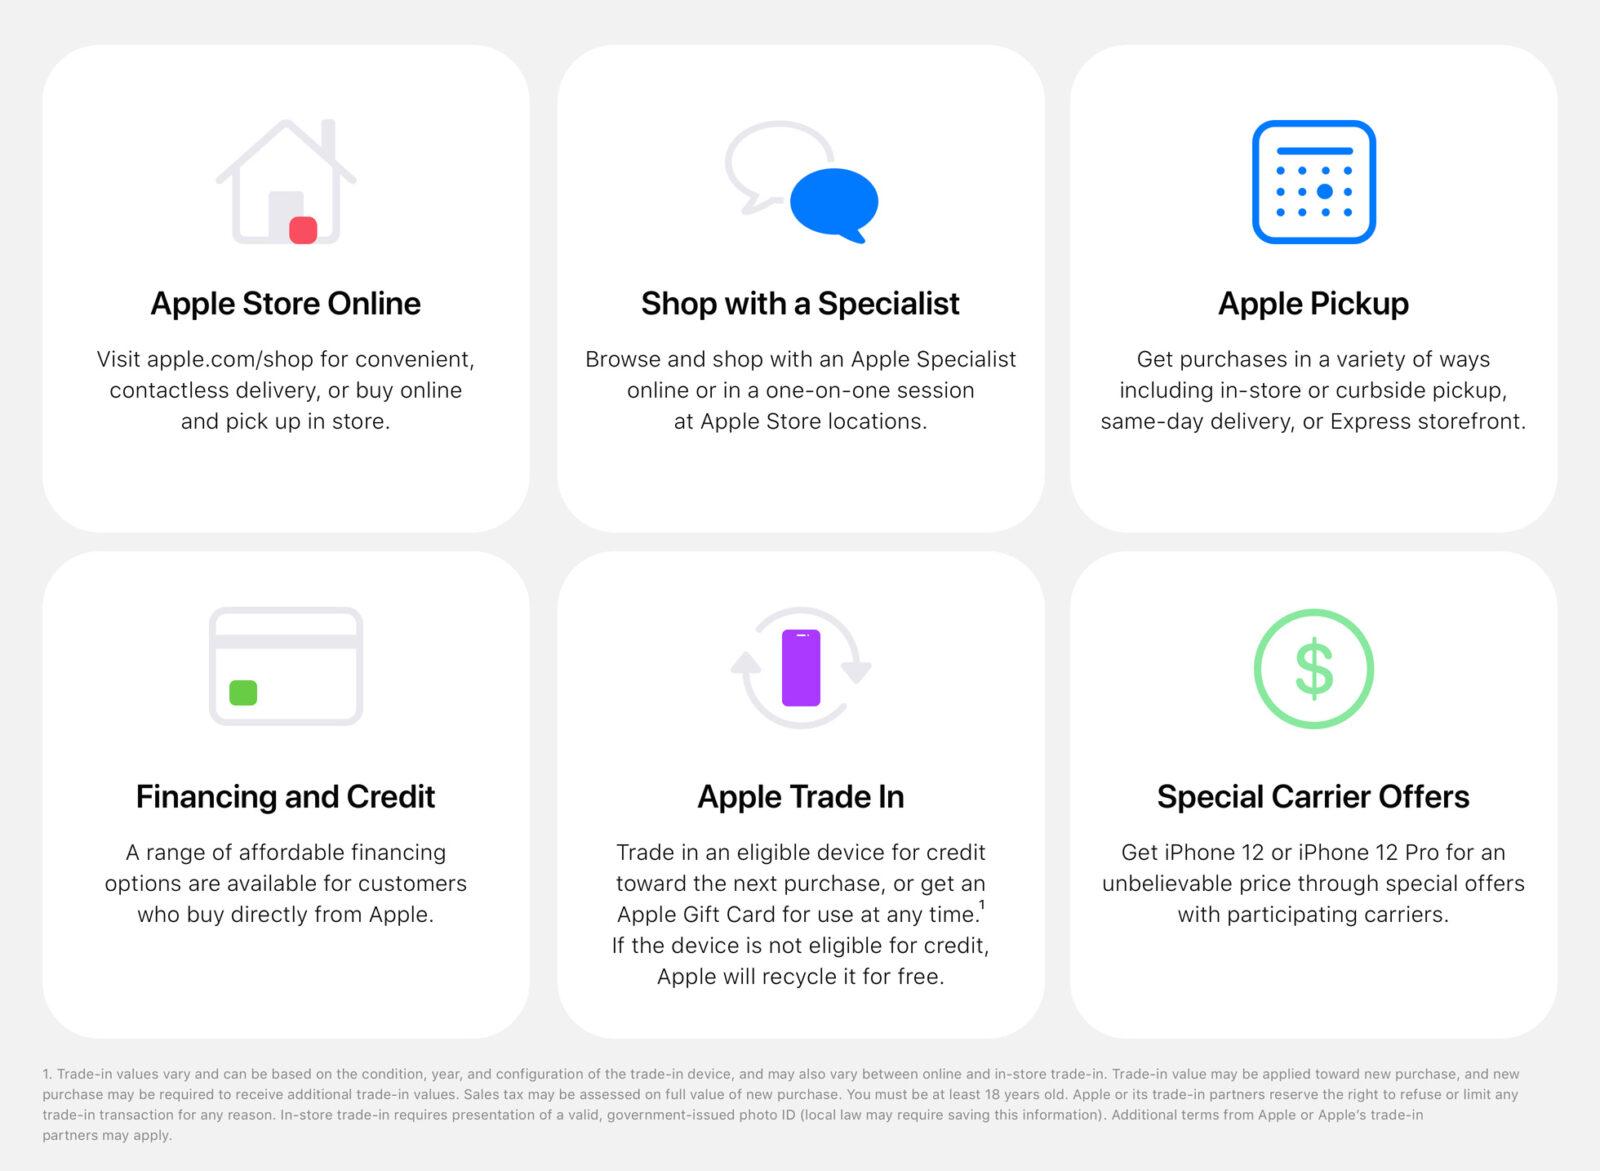 Apple pensa a nuovi modi per vendere iPhone 12 in sicurezza ai tempi del COVID-19